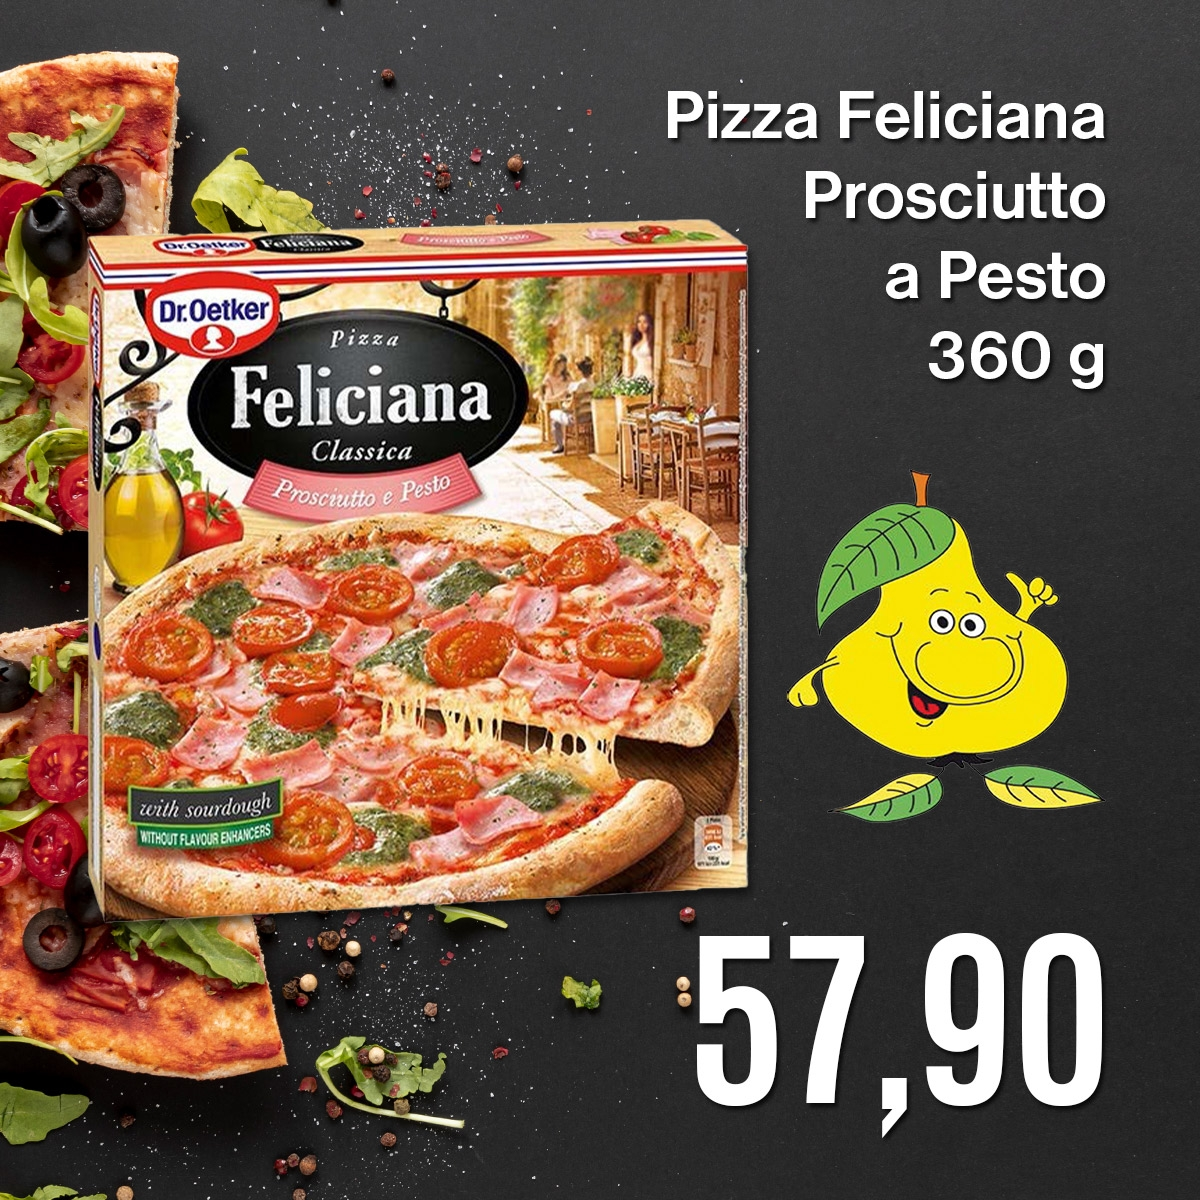 Pizza Feliciana Prosciutto a Pesto 360 g